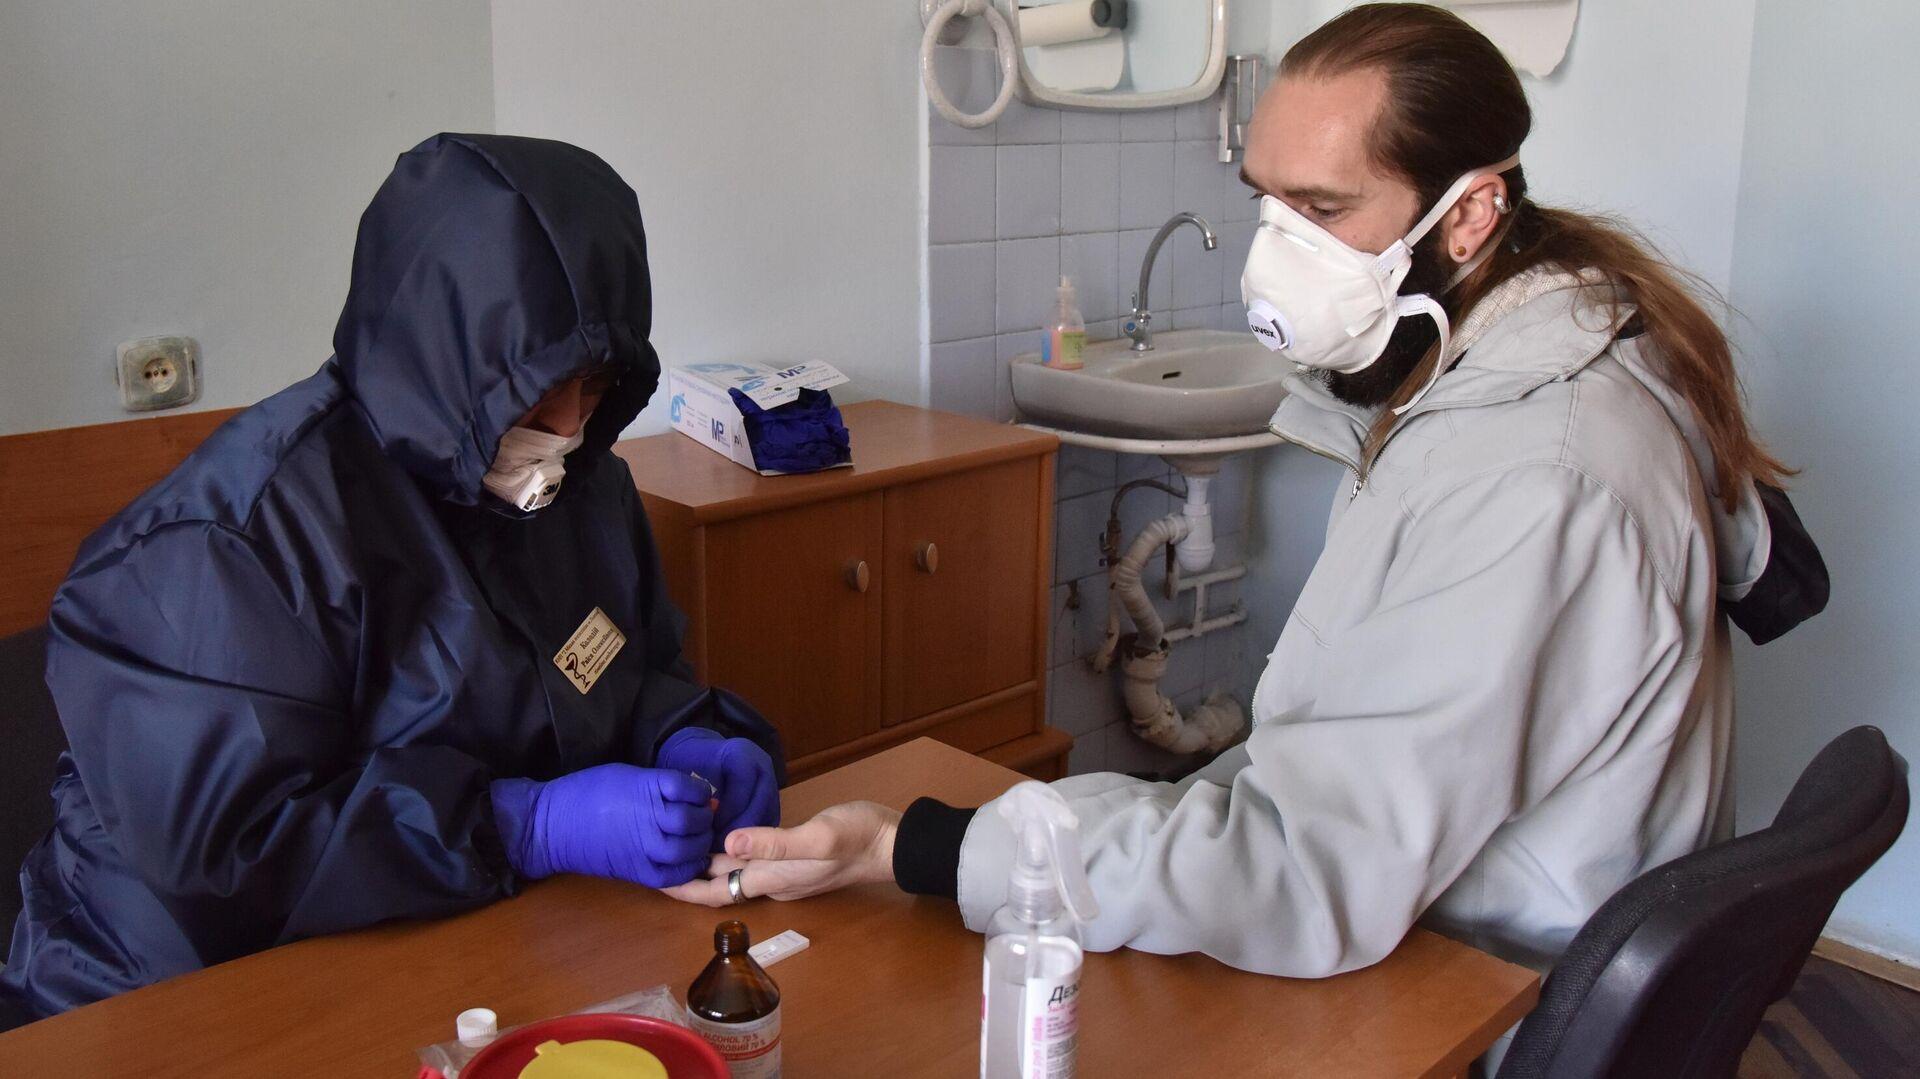 Прохождение экспресс-тестов на выявление коронавируса в одной из районных поликлиник Львова - РИА Новости, 1920, 19.01.2021